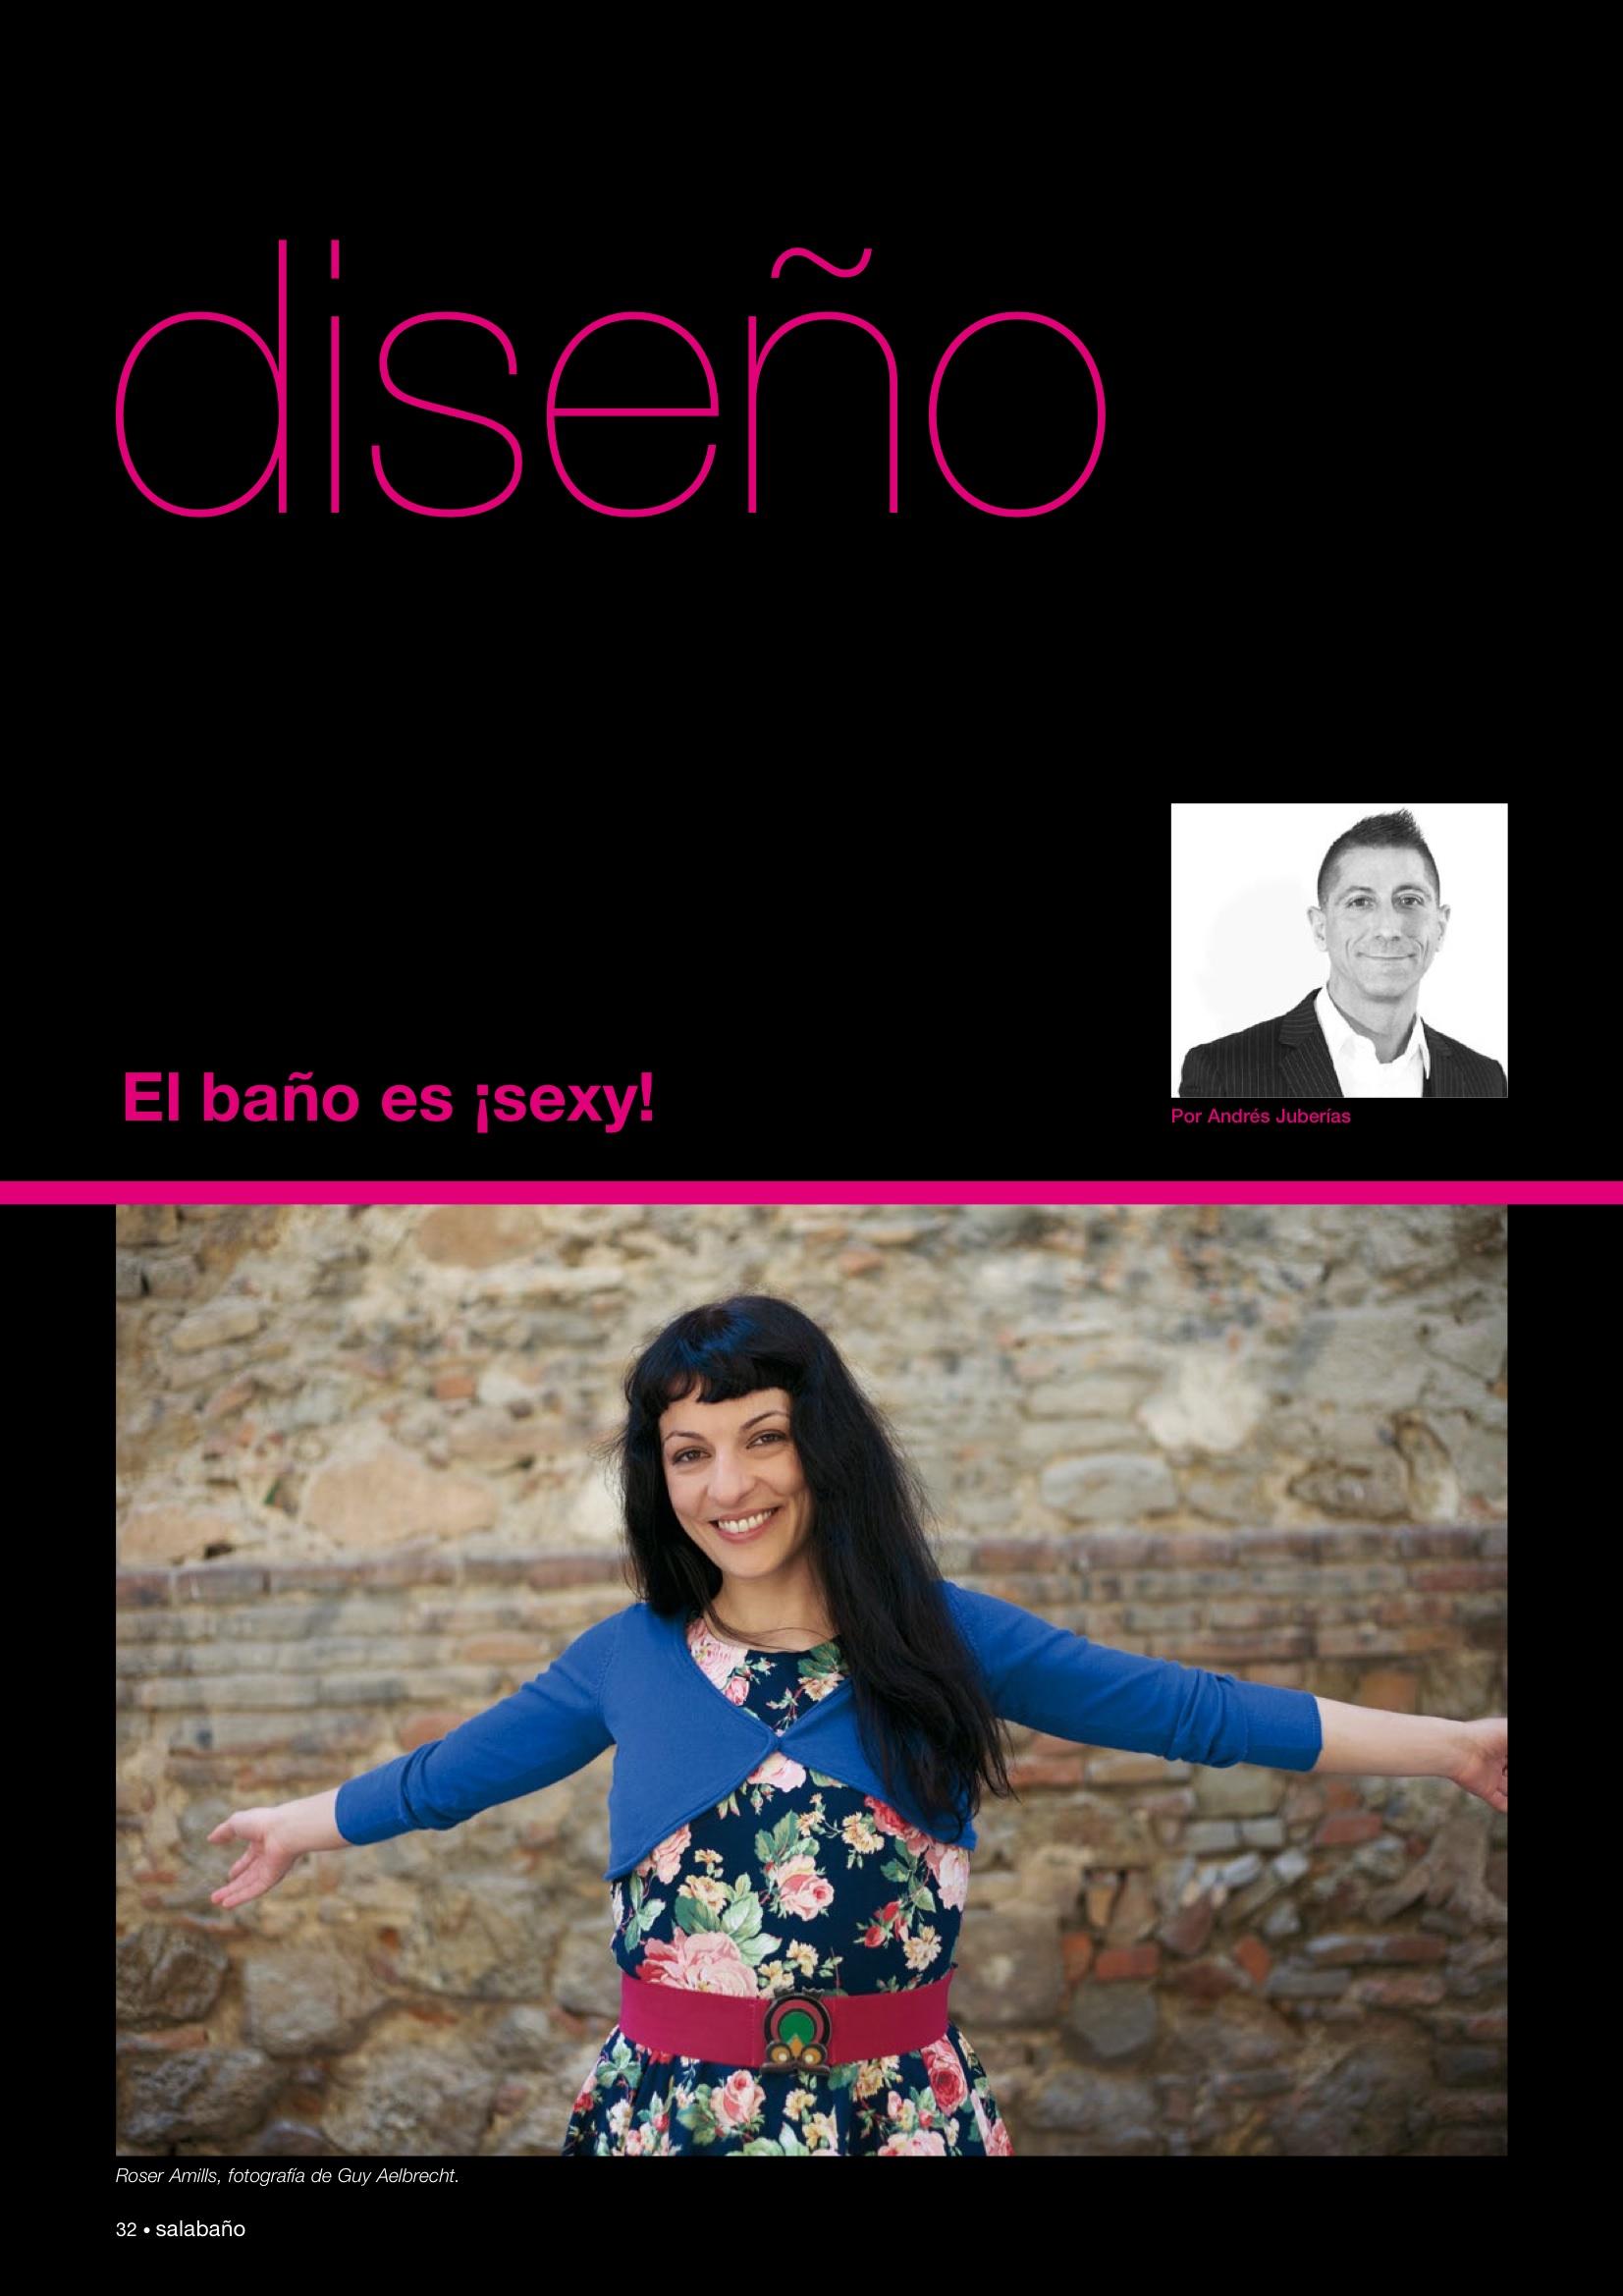 Revista Sala Baño | Entrevista a Roser Amills, por Andrés Juberías